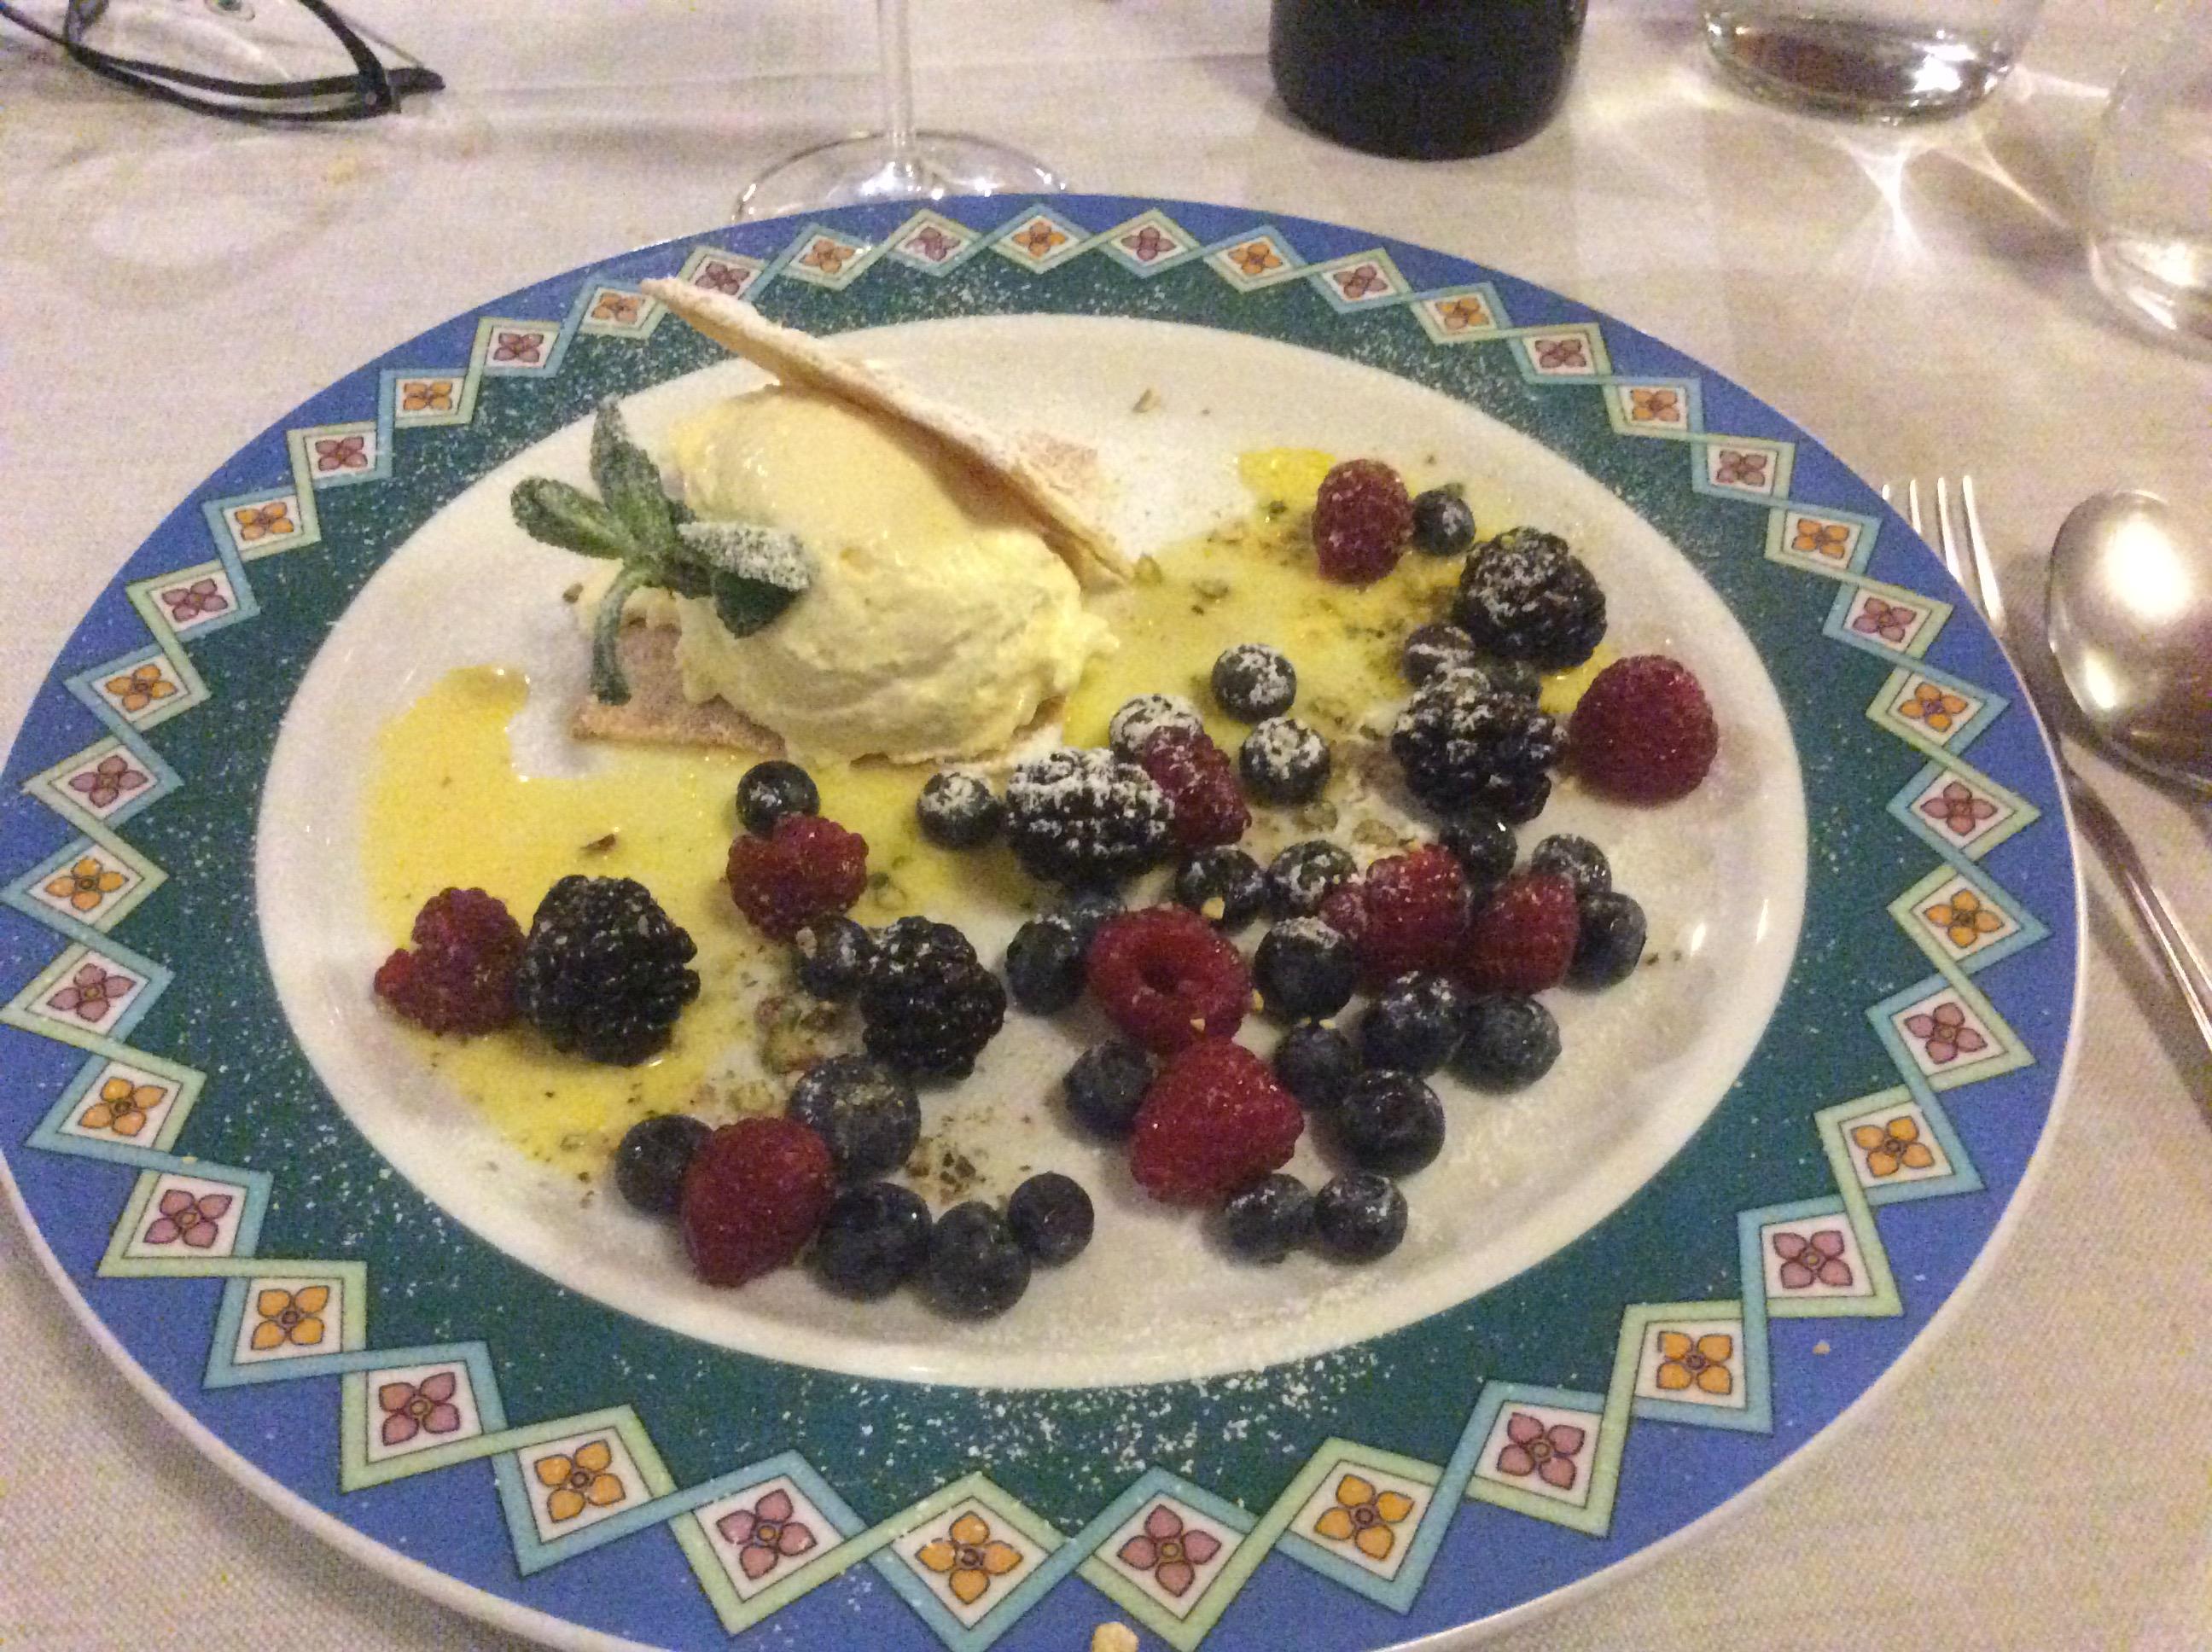 http://gourmet-italian.com/2119.JPG